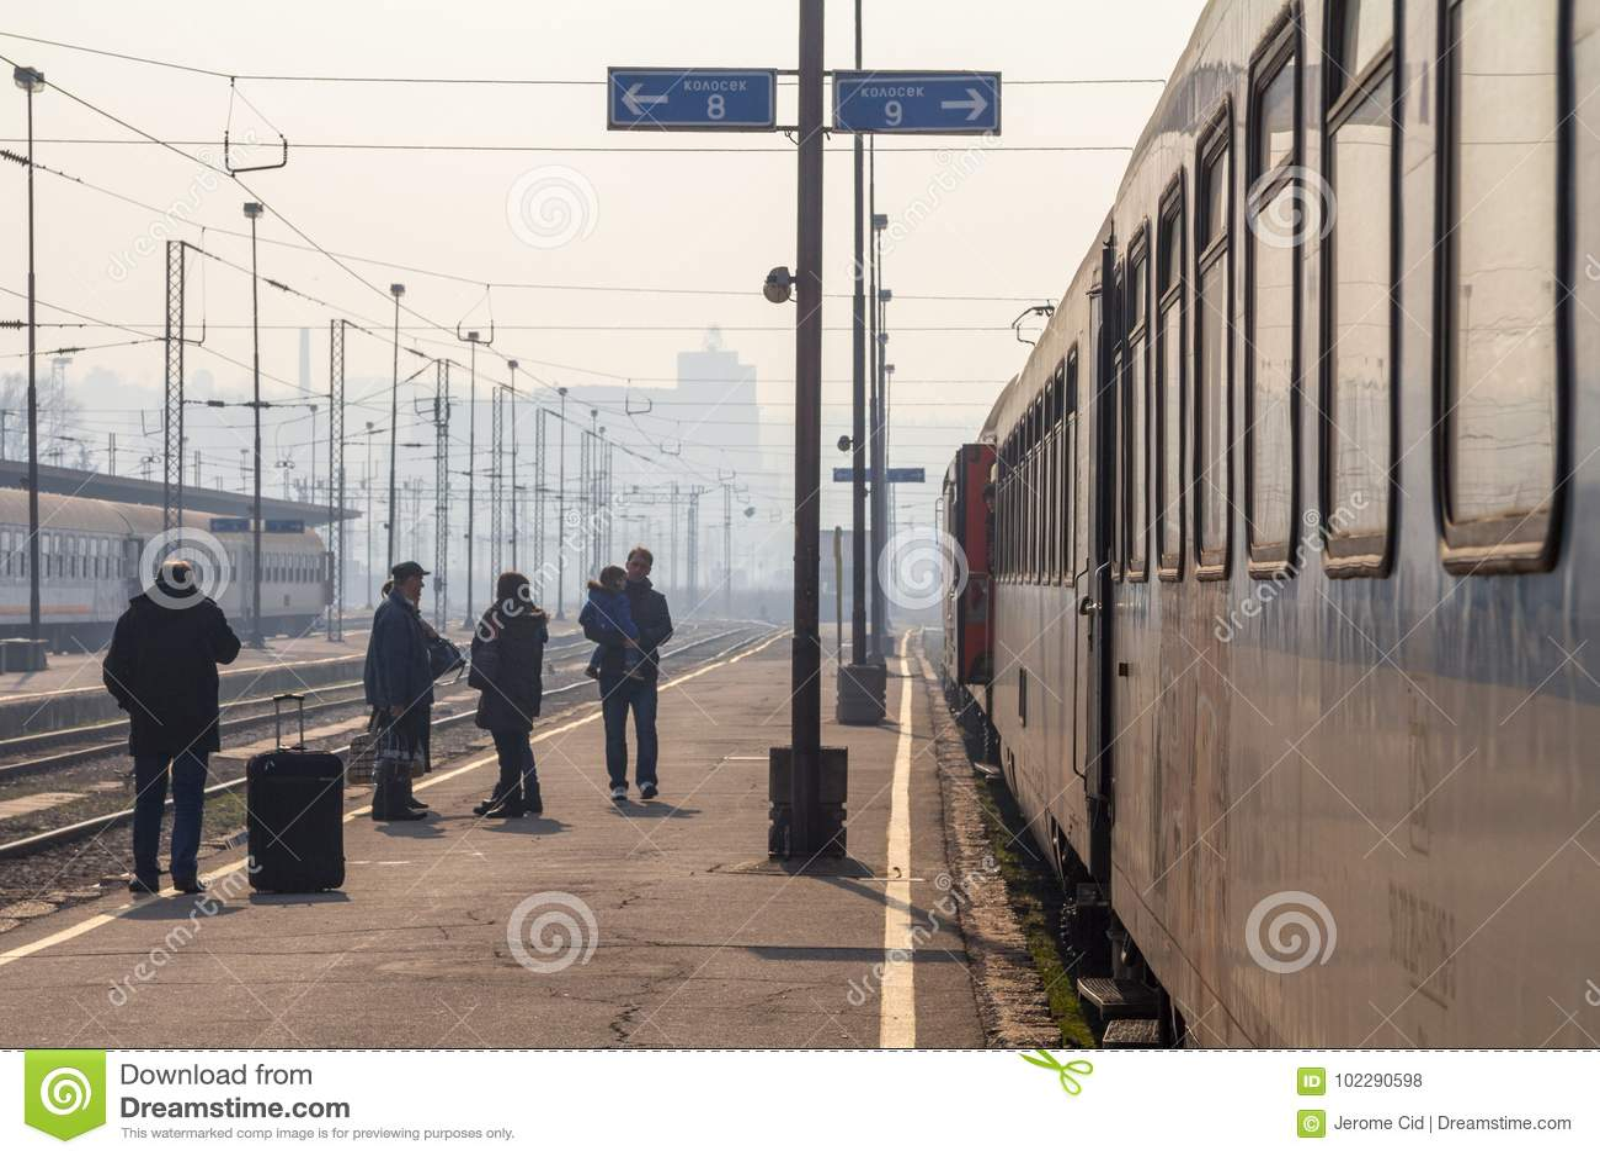 Επιβάτες που περιμένουν να επιβιβαστεί σε ένα τραίνο στην πλατφόρμα του κύριου σταθμού τρένου Βελιγραδι ου κατά τη διάρκεια ενός